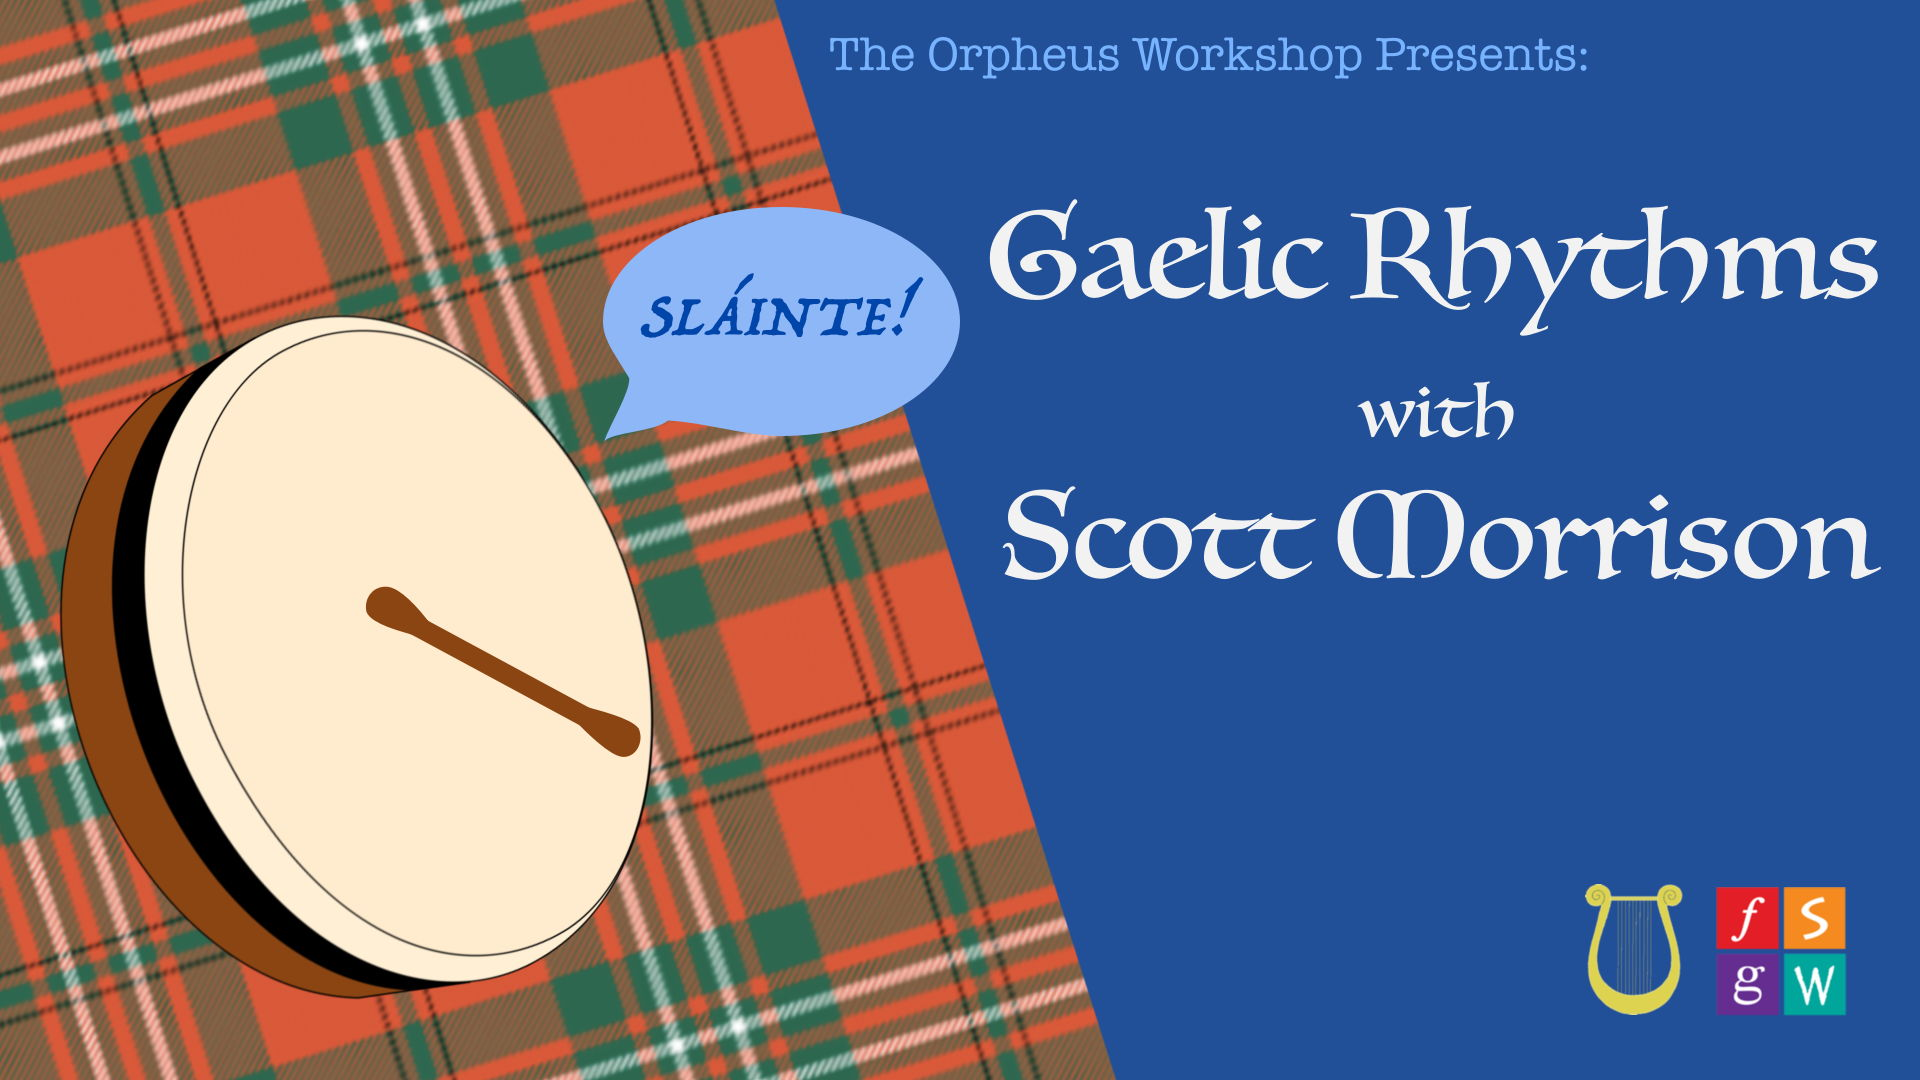 Gaelic Rhythms with Scott Morrison